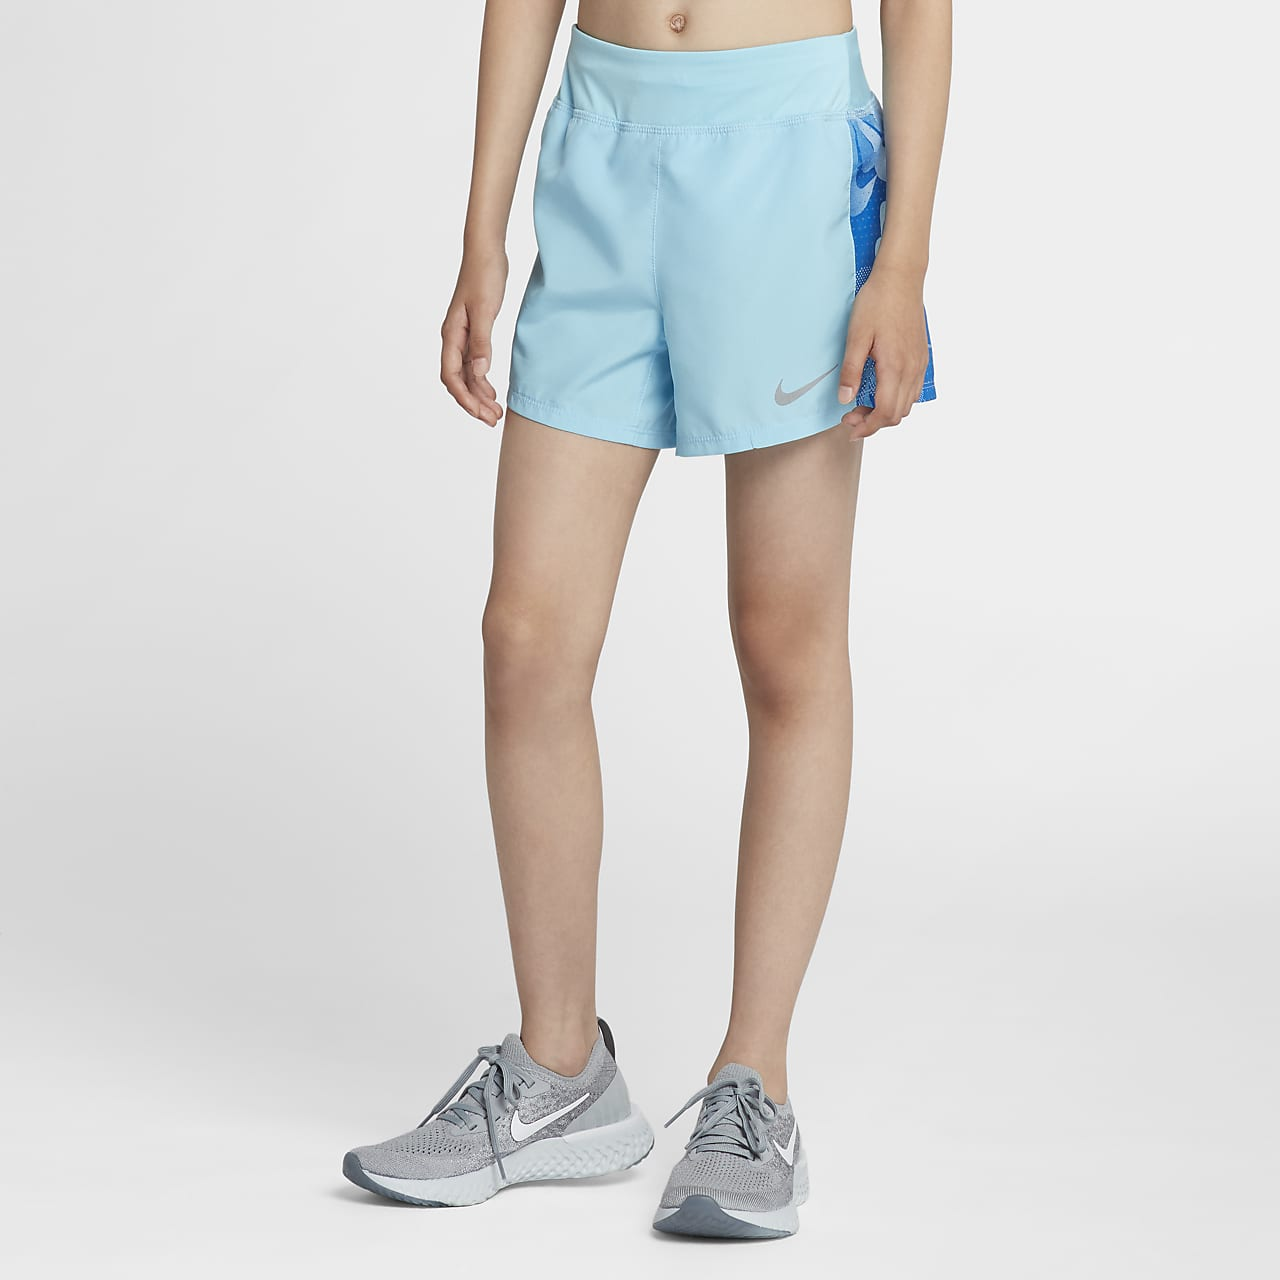 Nike Dri-FIT Older Kids' (Girls') Printed Running Shorts